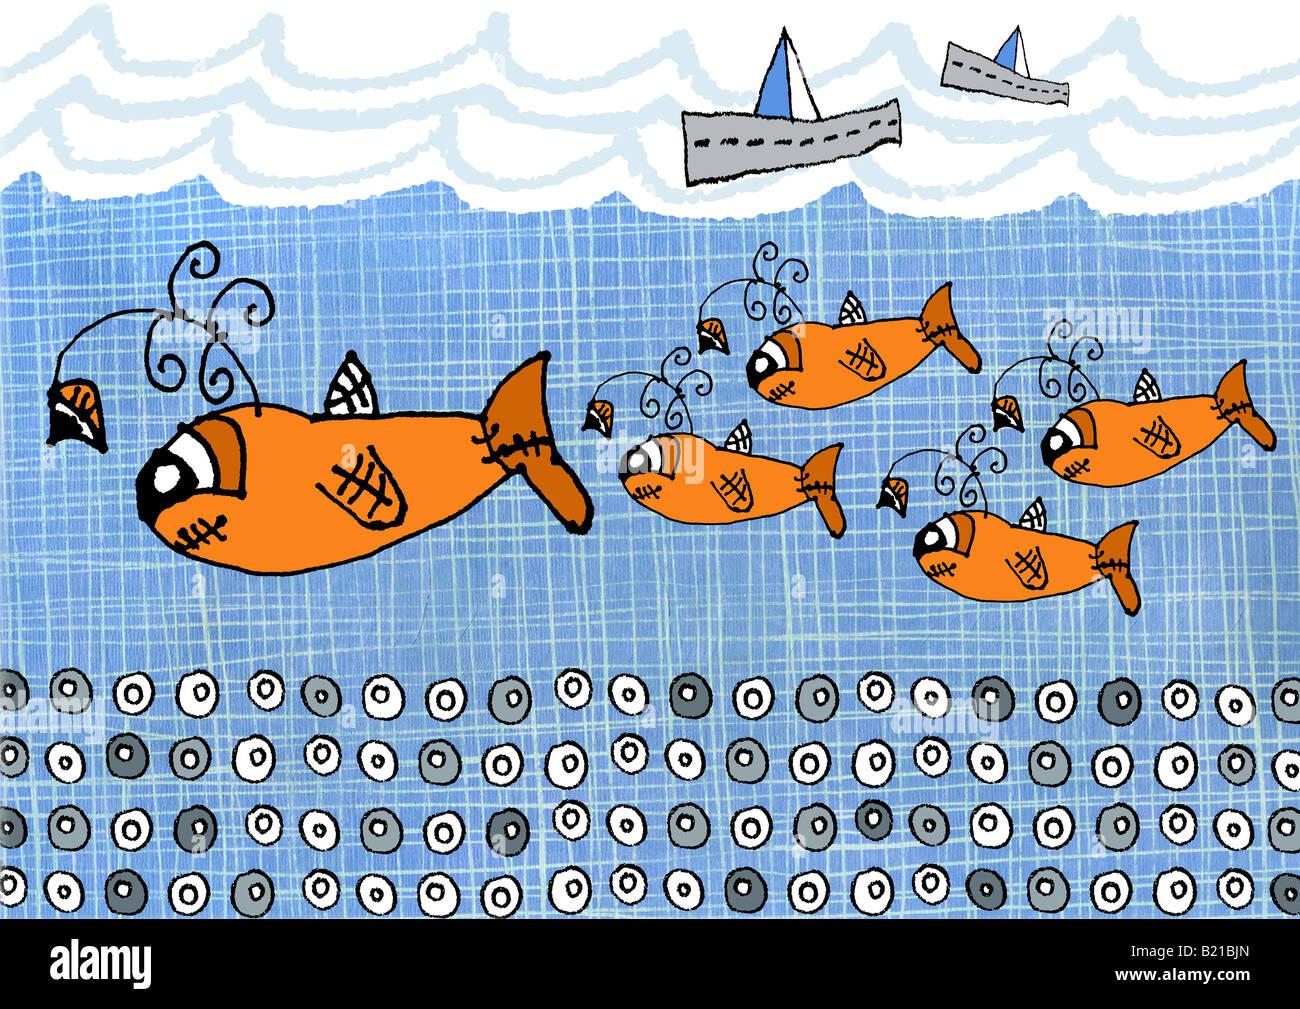 Los niños del estilo de ilustraciones de peces que nadan en el mar Imagen De Stock